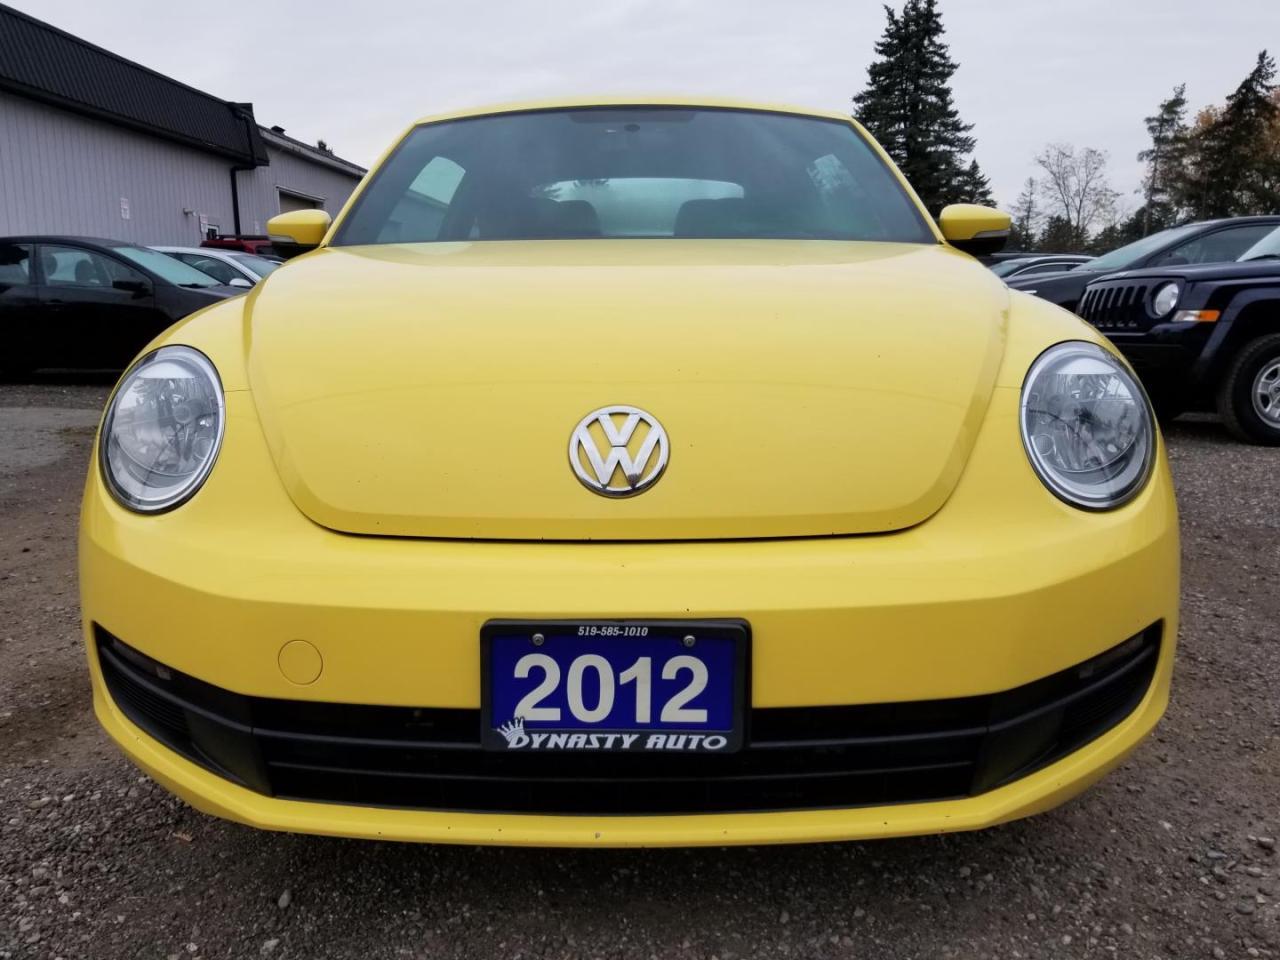 2012 Volkswagen New Beetle